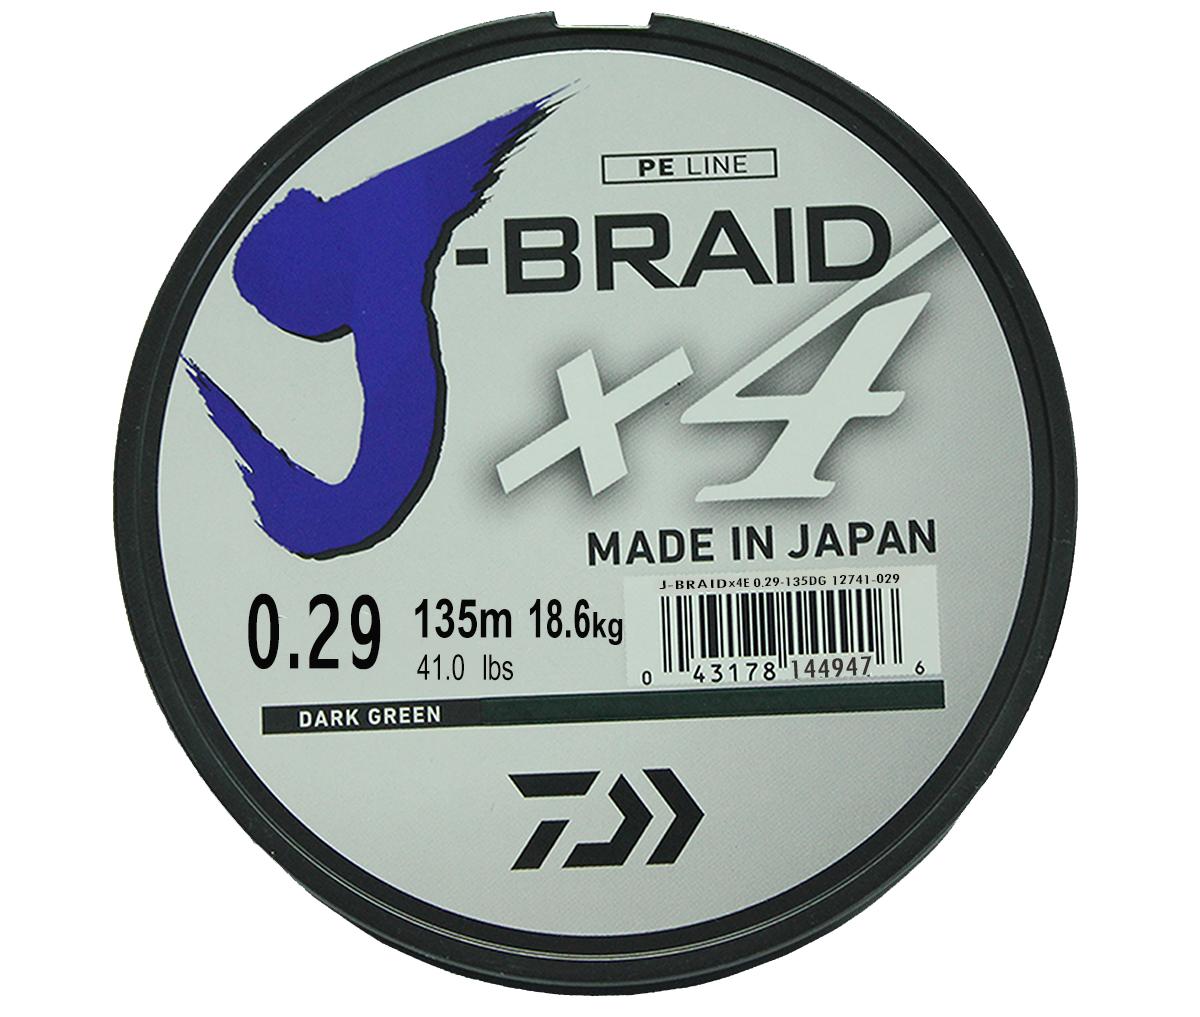 Шнур плетеный Daiwa J-Braid X4, цвет: зеленый, 135 м, 0,29 мм61166Новый 4х жильный шнур J-Braid, DAIWA - шнур высокого класса с удивительным соотношением цены и качества. Качество плетения полностьюсоответствует японским стандартам и удовлетворяет всем требованиям. Представленные диаметры позволяют использовать шнур для всех техникловли, начиная от ultra- light ловли окуня, до морской ловли палтуса, трески и т.д